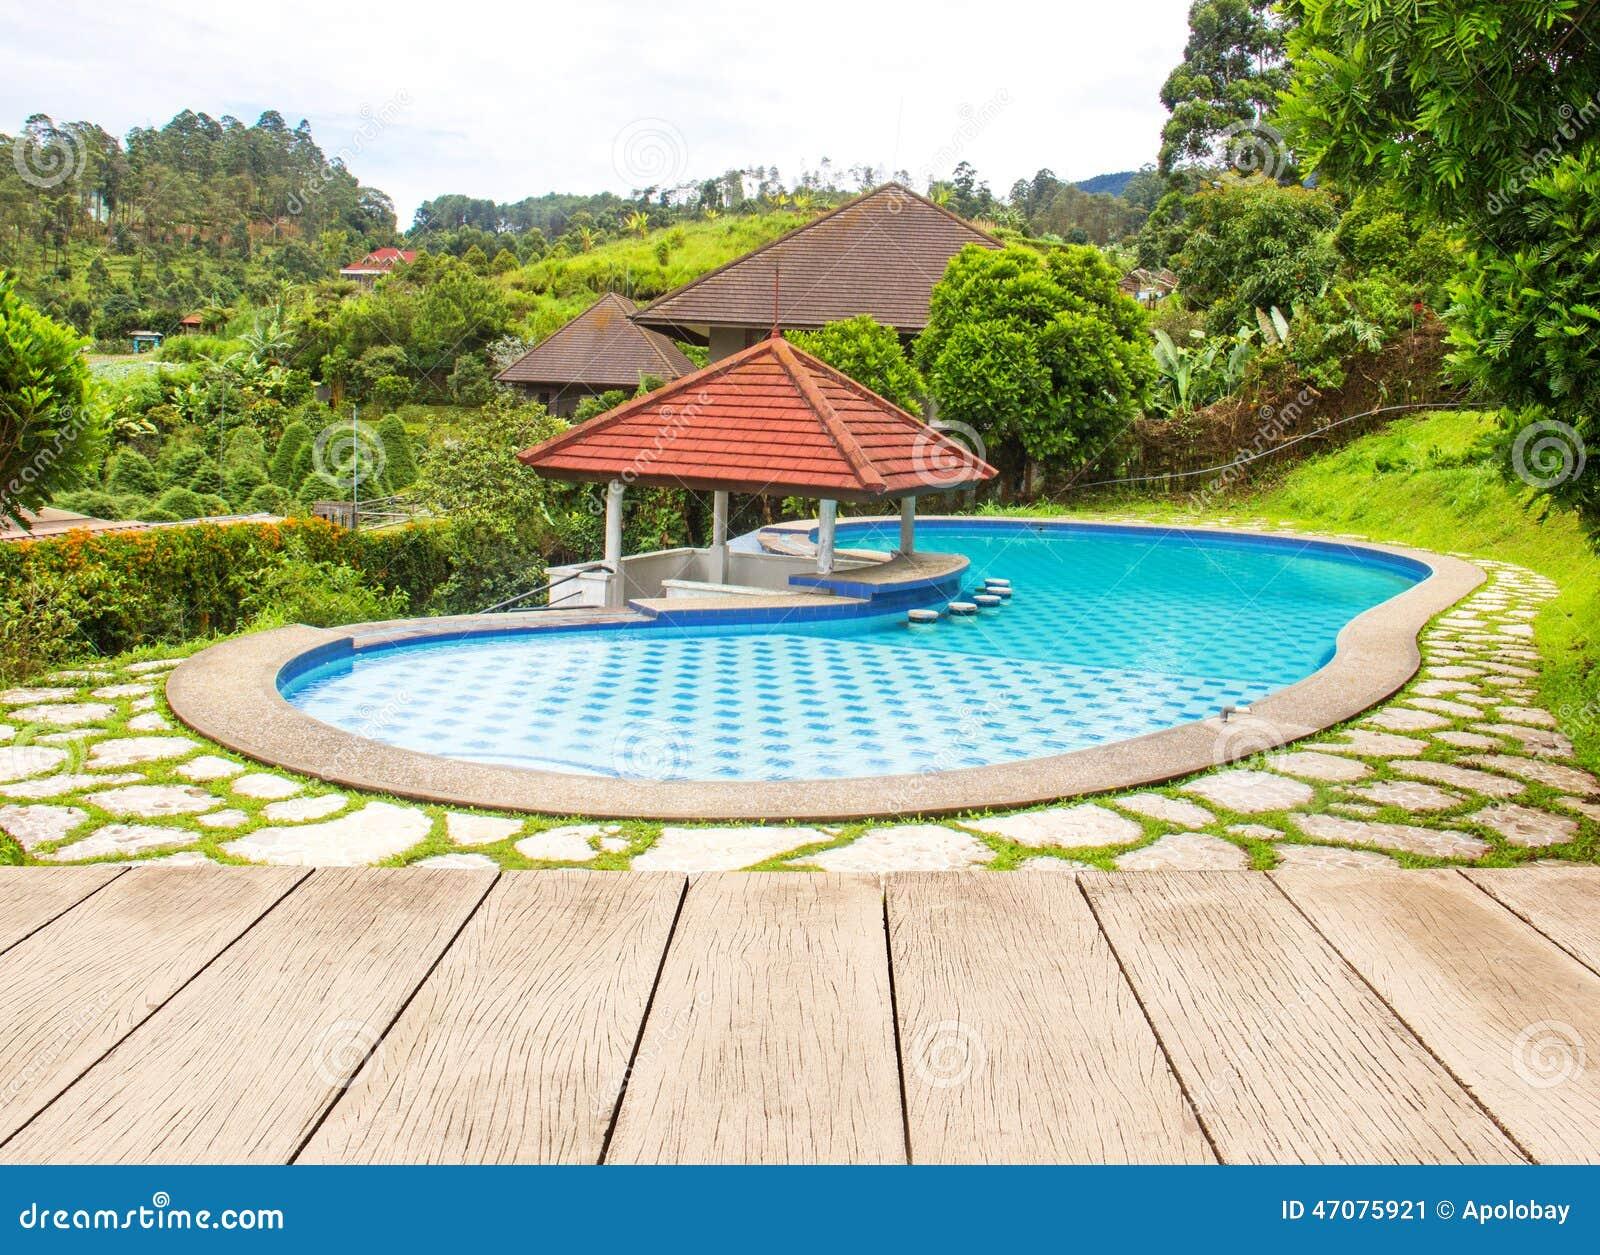 Groot zwembad in de tuin stock afbeelding afbeelding for Zwembaden in tuin